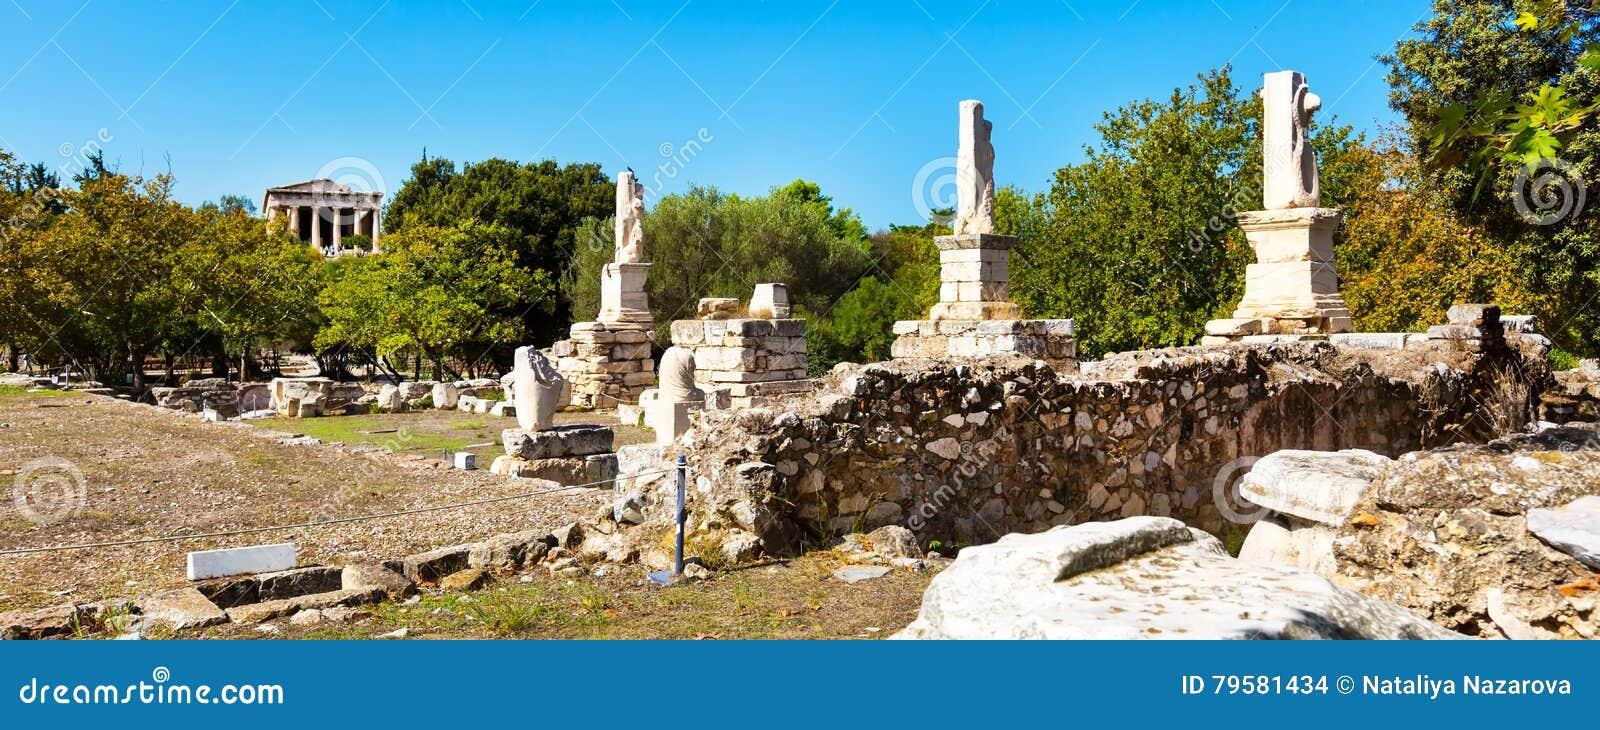 Odeon de las estatuas de Agrippa en el ágora antiguo, Atenas, Grecia